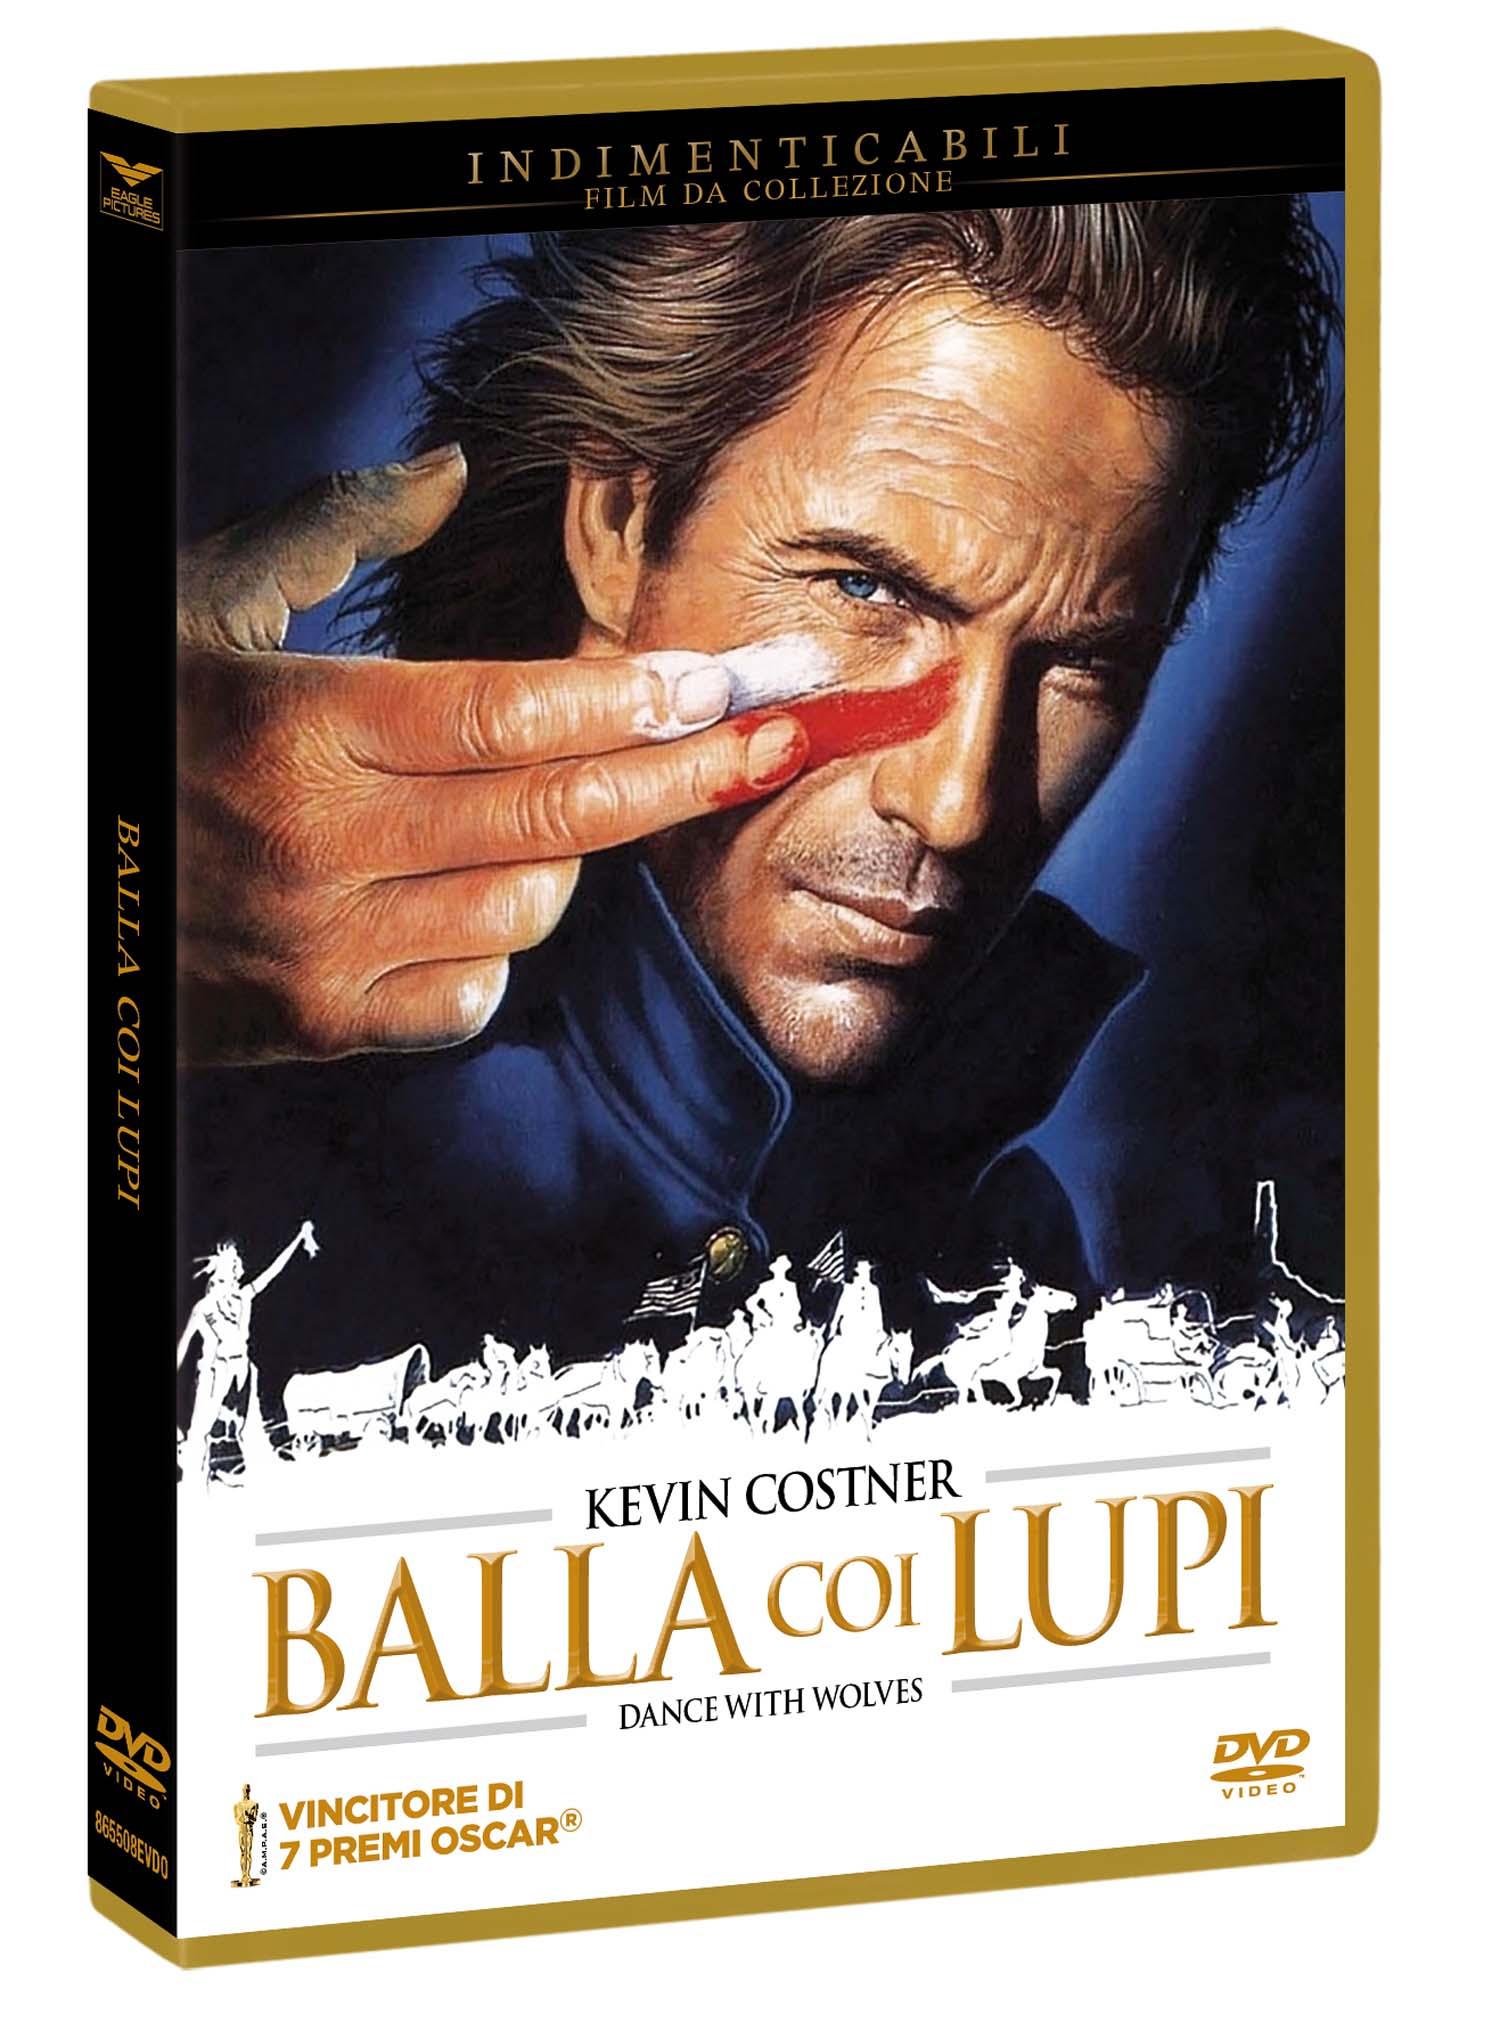 BALLA COI LUPI (INDIMENTICABILI) (DVD)